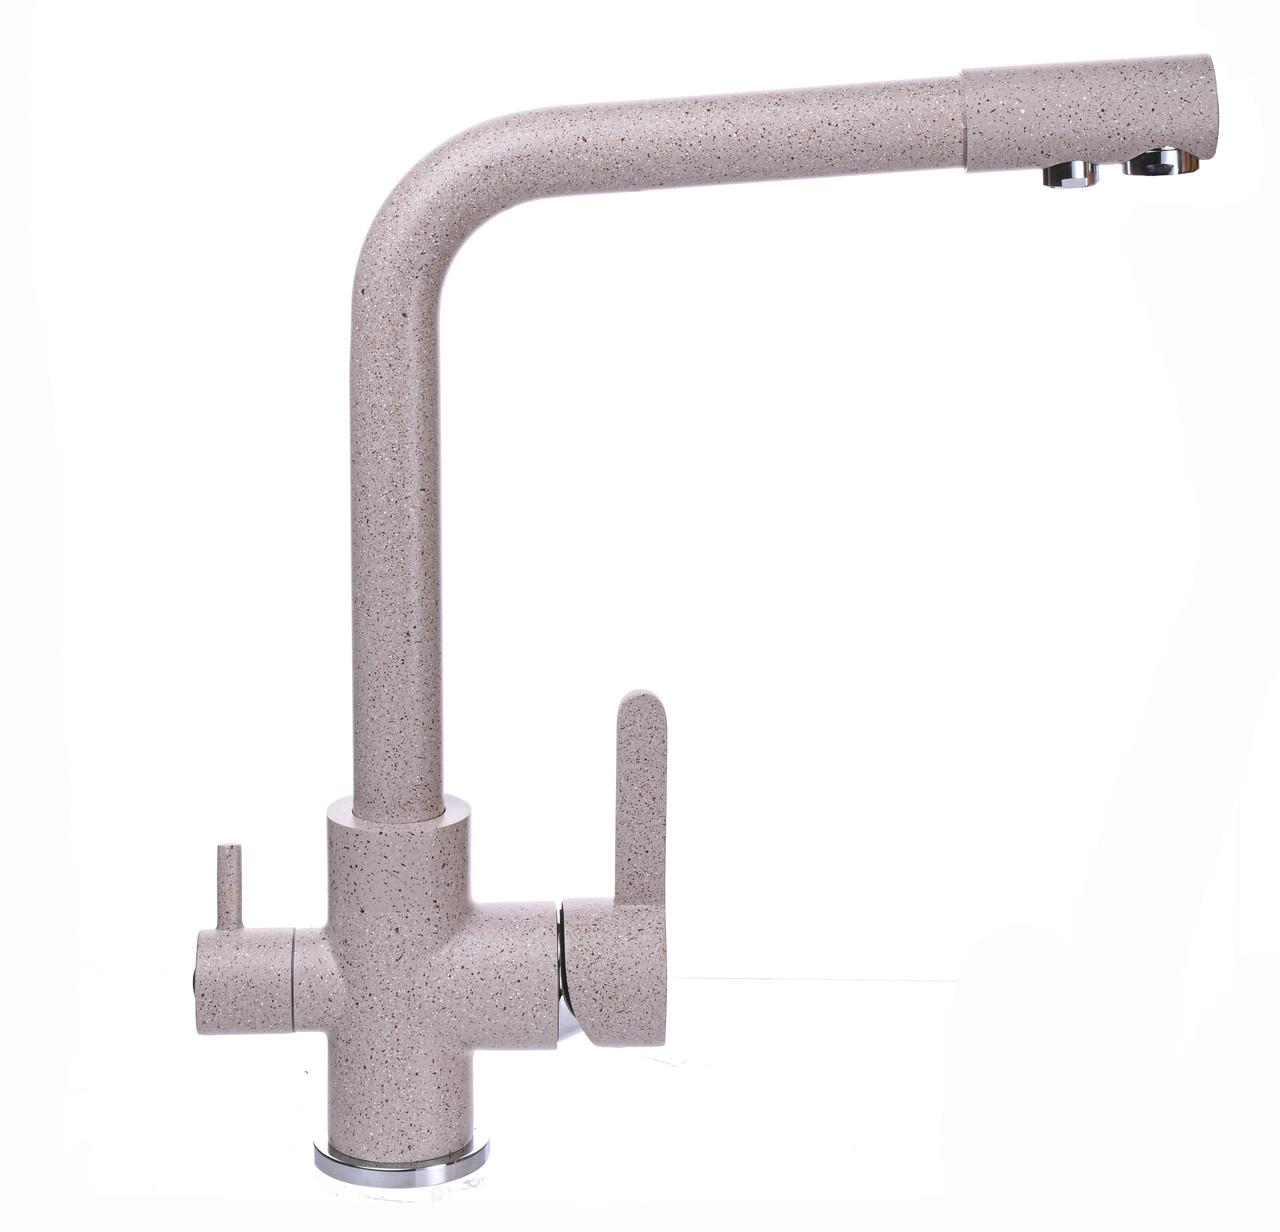 Змішувач для кухні під осмос Globus Lux GLLR-0444-5-TERRA